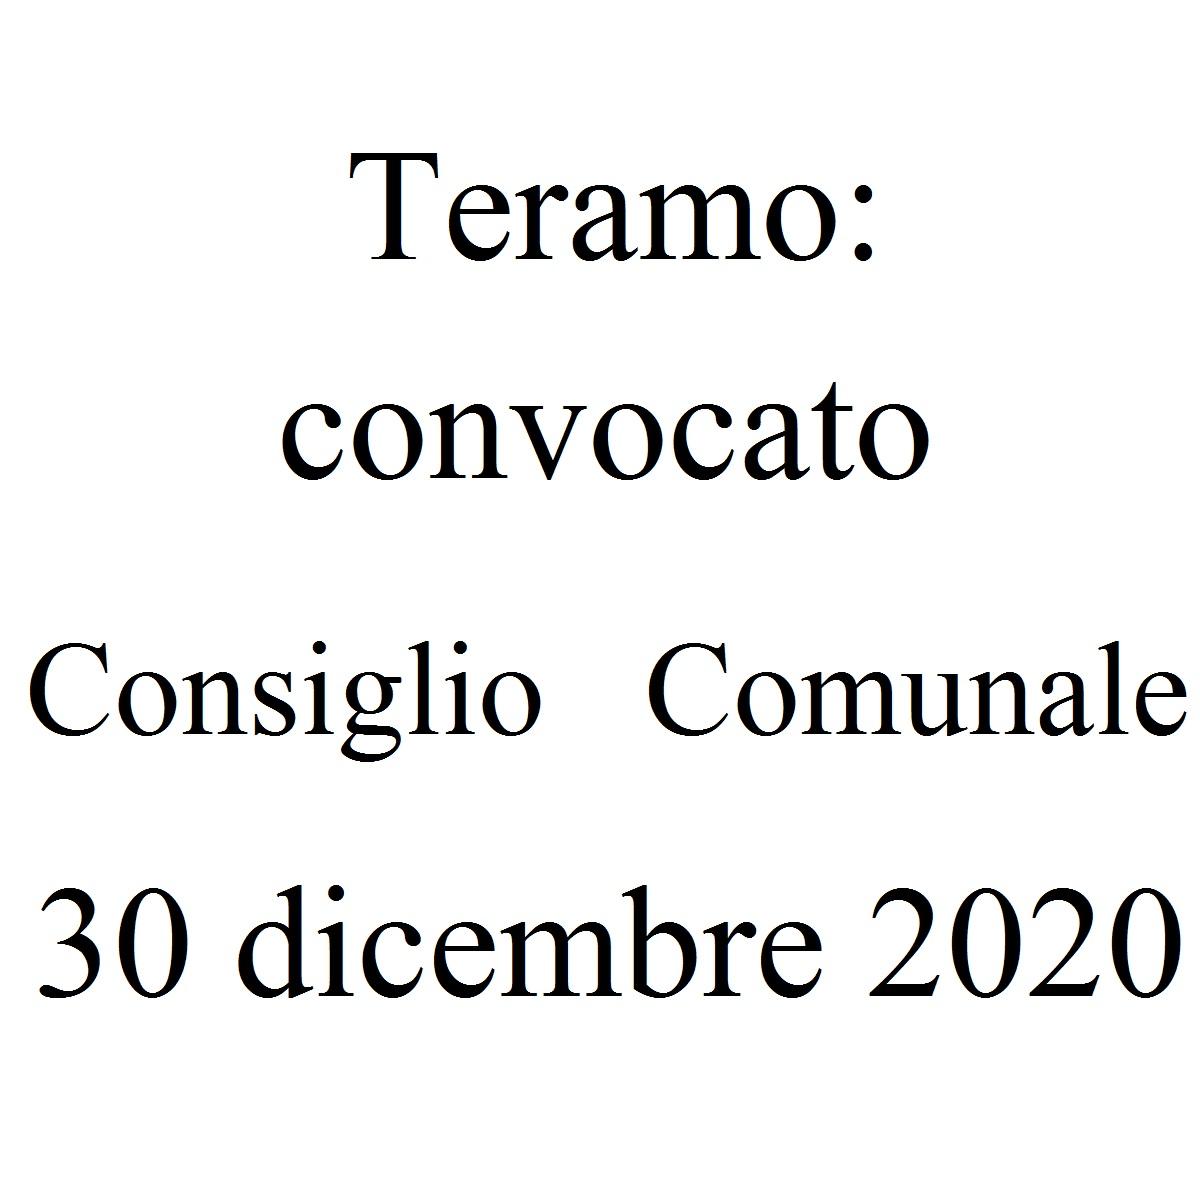 Teramo convocato Consiglio Comunale 30 dicembre 2020 foto